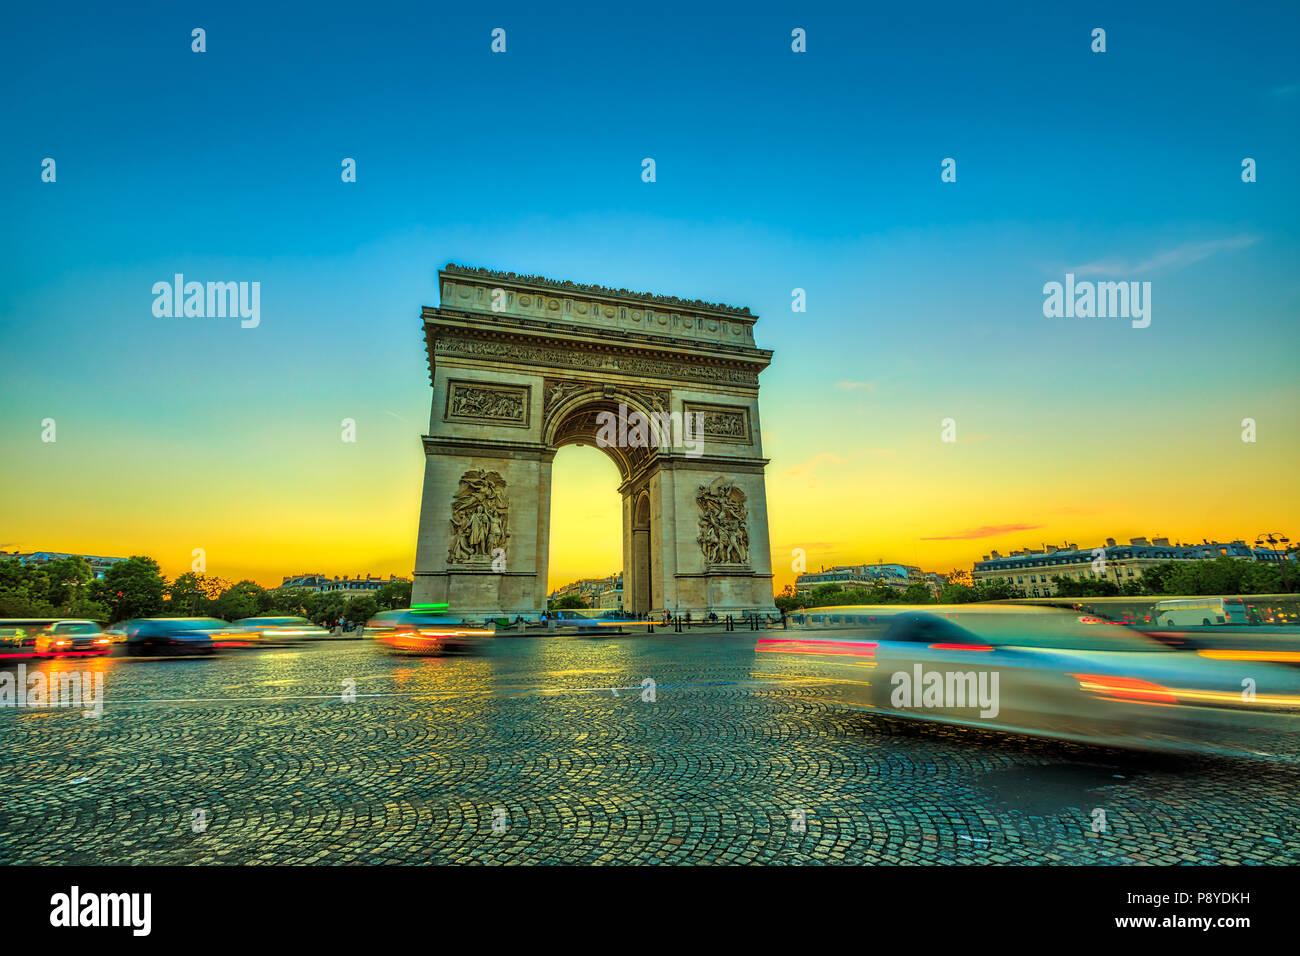 Arco de Triunfo. Arc de Triomphe, en el extremo occidental de los Campos Elíseos, en el centro de la plaza Charles de Gaulle en París al atardecer con el tráfico de los coches. París, capital de Francia en Europa. Imagen De Stock